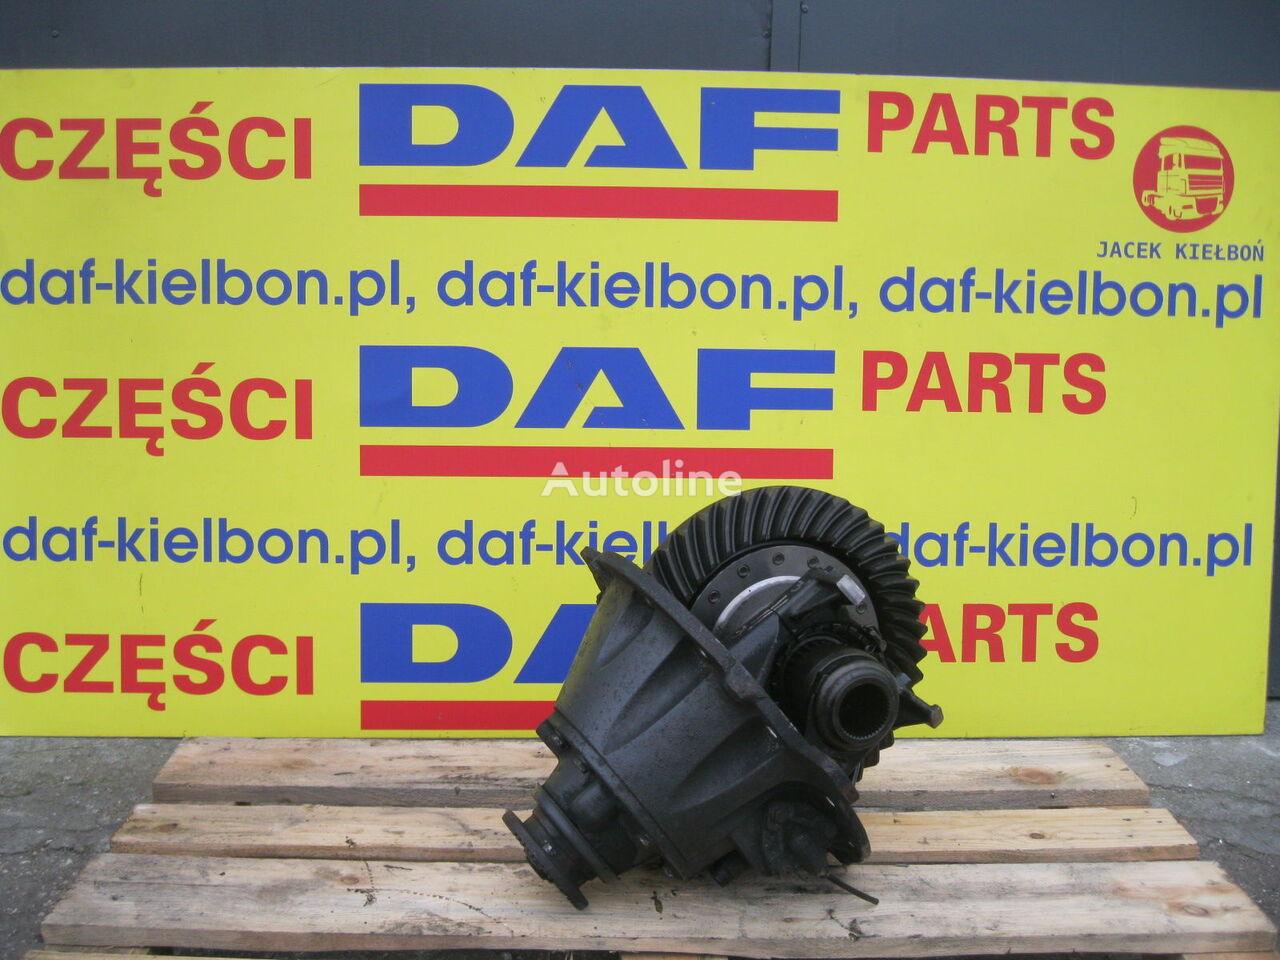 WKŁAD GŁÓWKA MOSTU 3,73 4,1 differential for DAF LF 45/55 truck